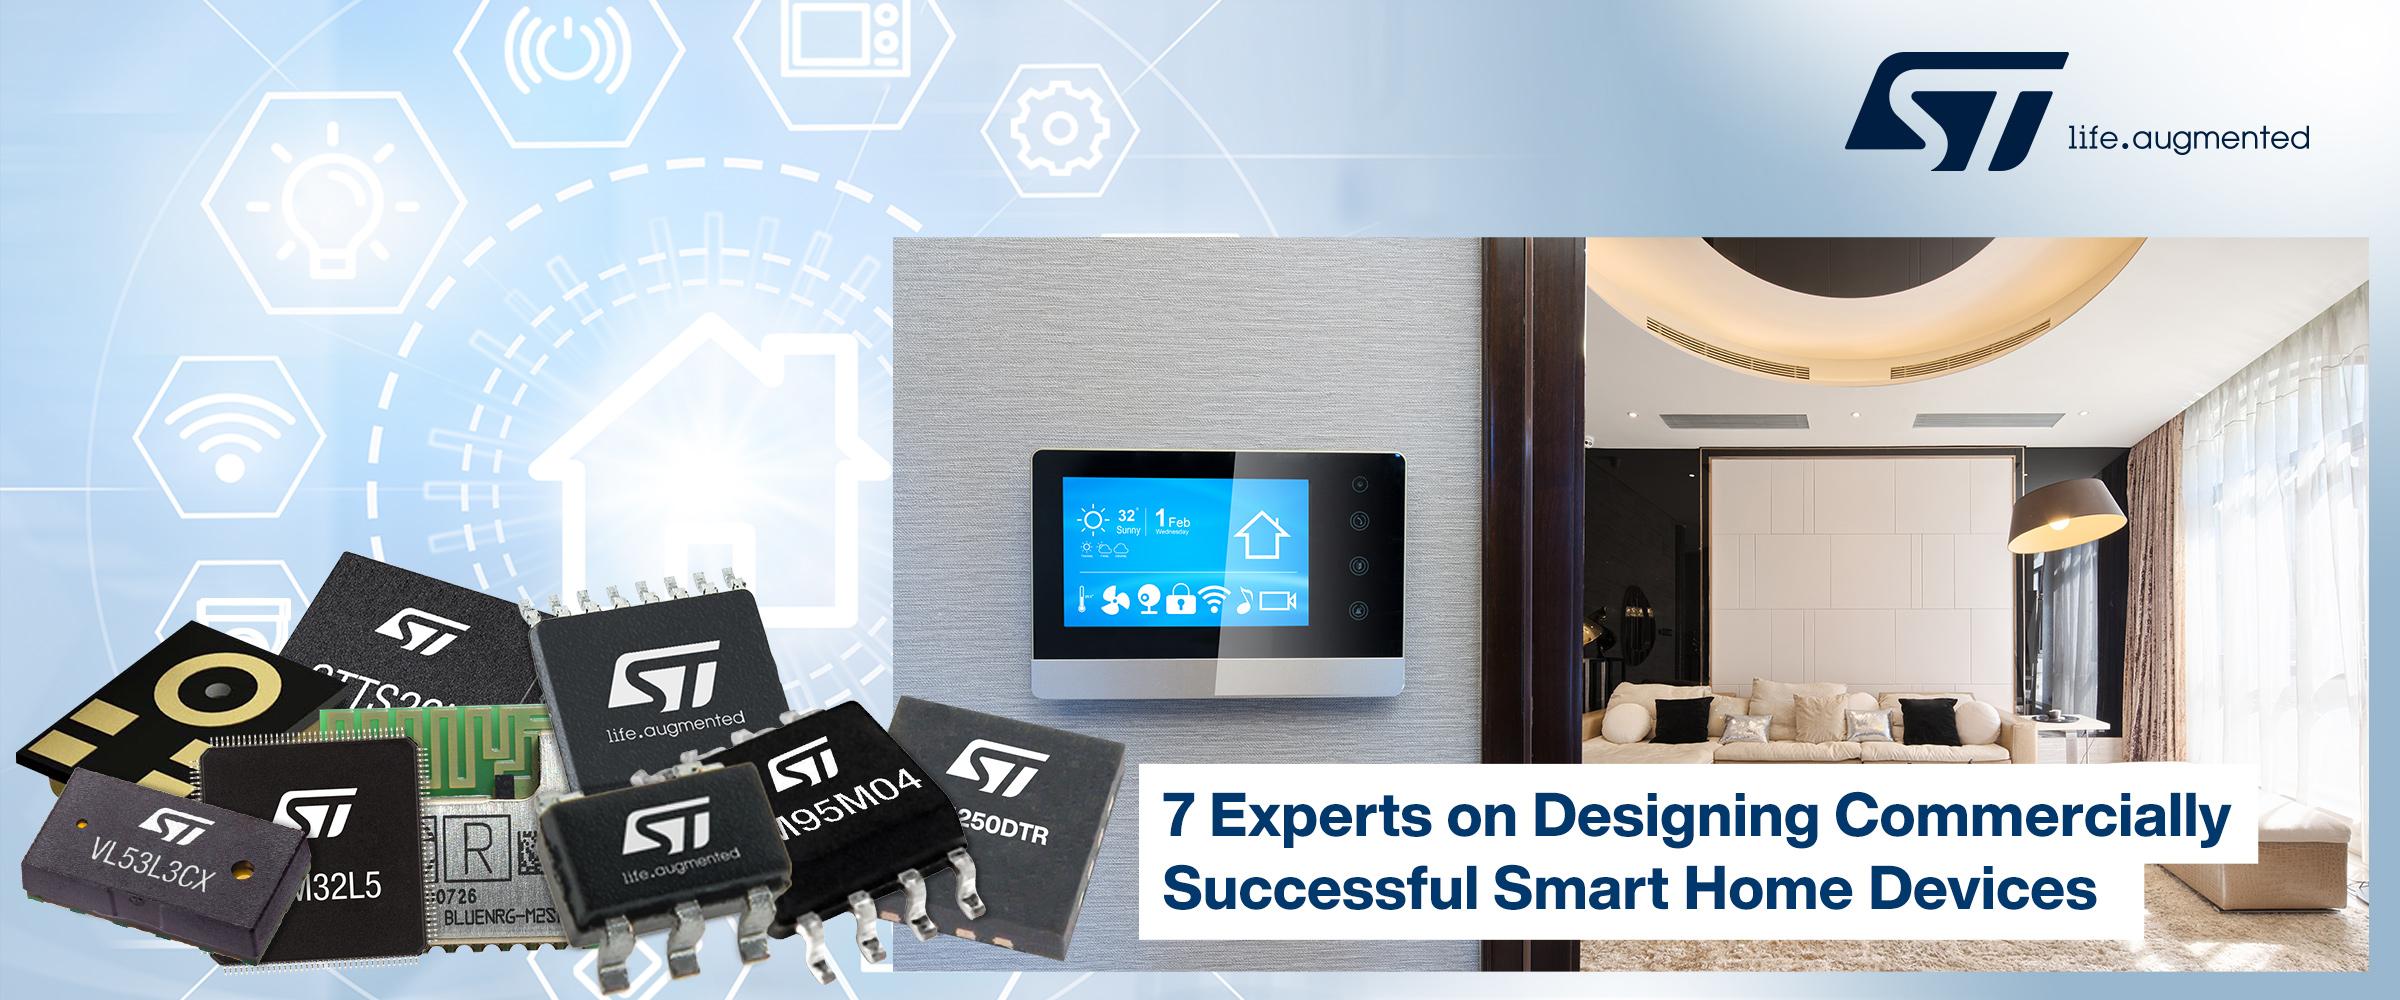 贸泽与STMicroelectronics联手发布新电子书就智能家居设备开发提供行业专家意见